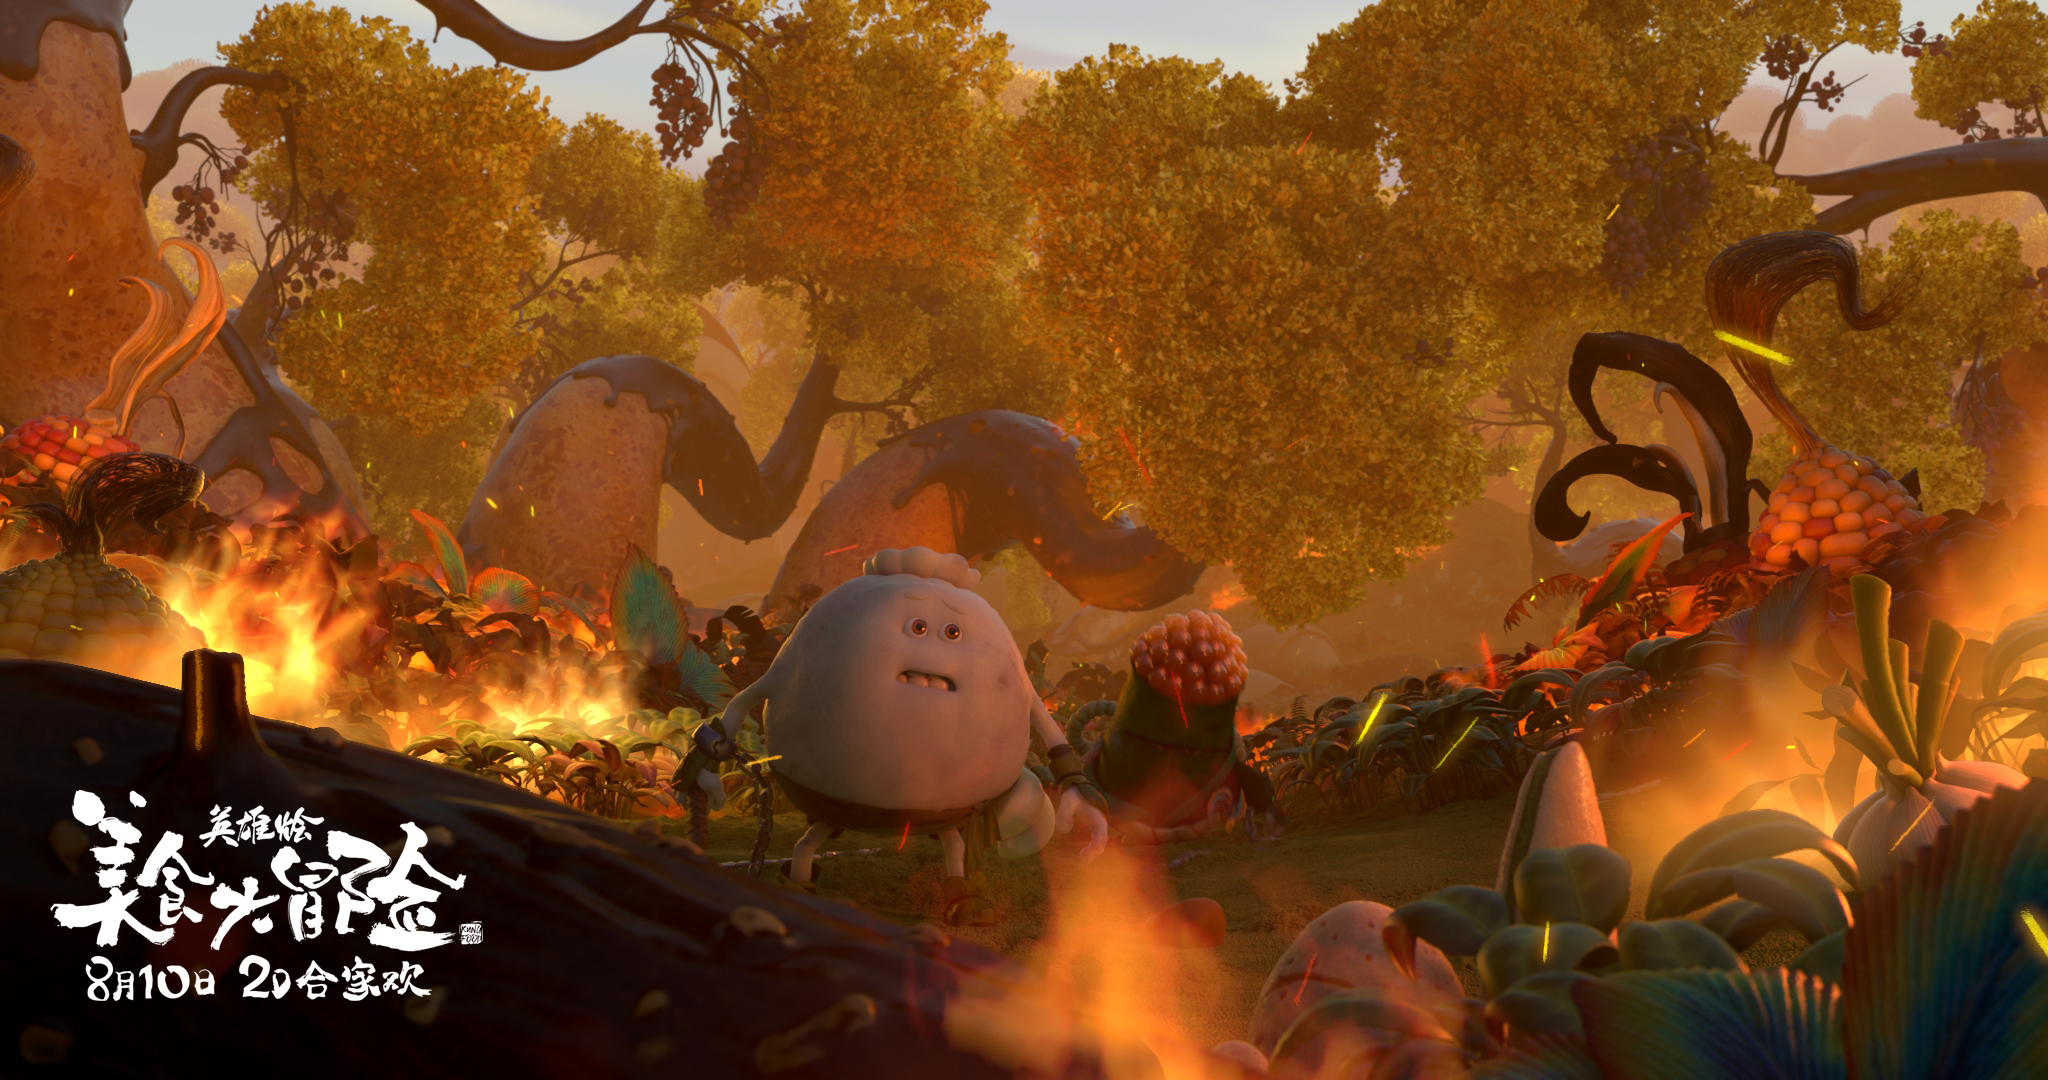 """《美食大冒险之英雄烩》曝口碑特辑超有料亲子国漫获赞""""好莱坞式动画"""""""